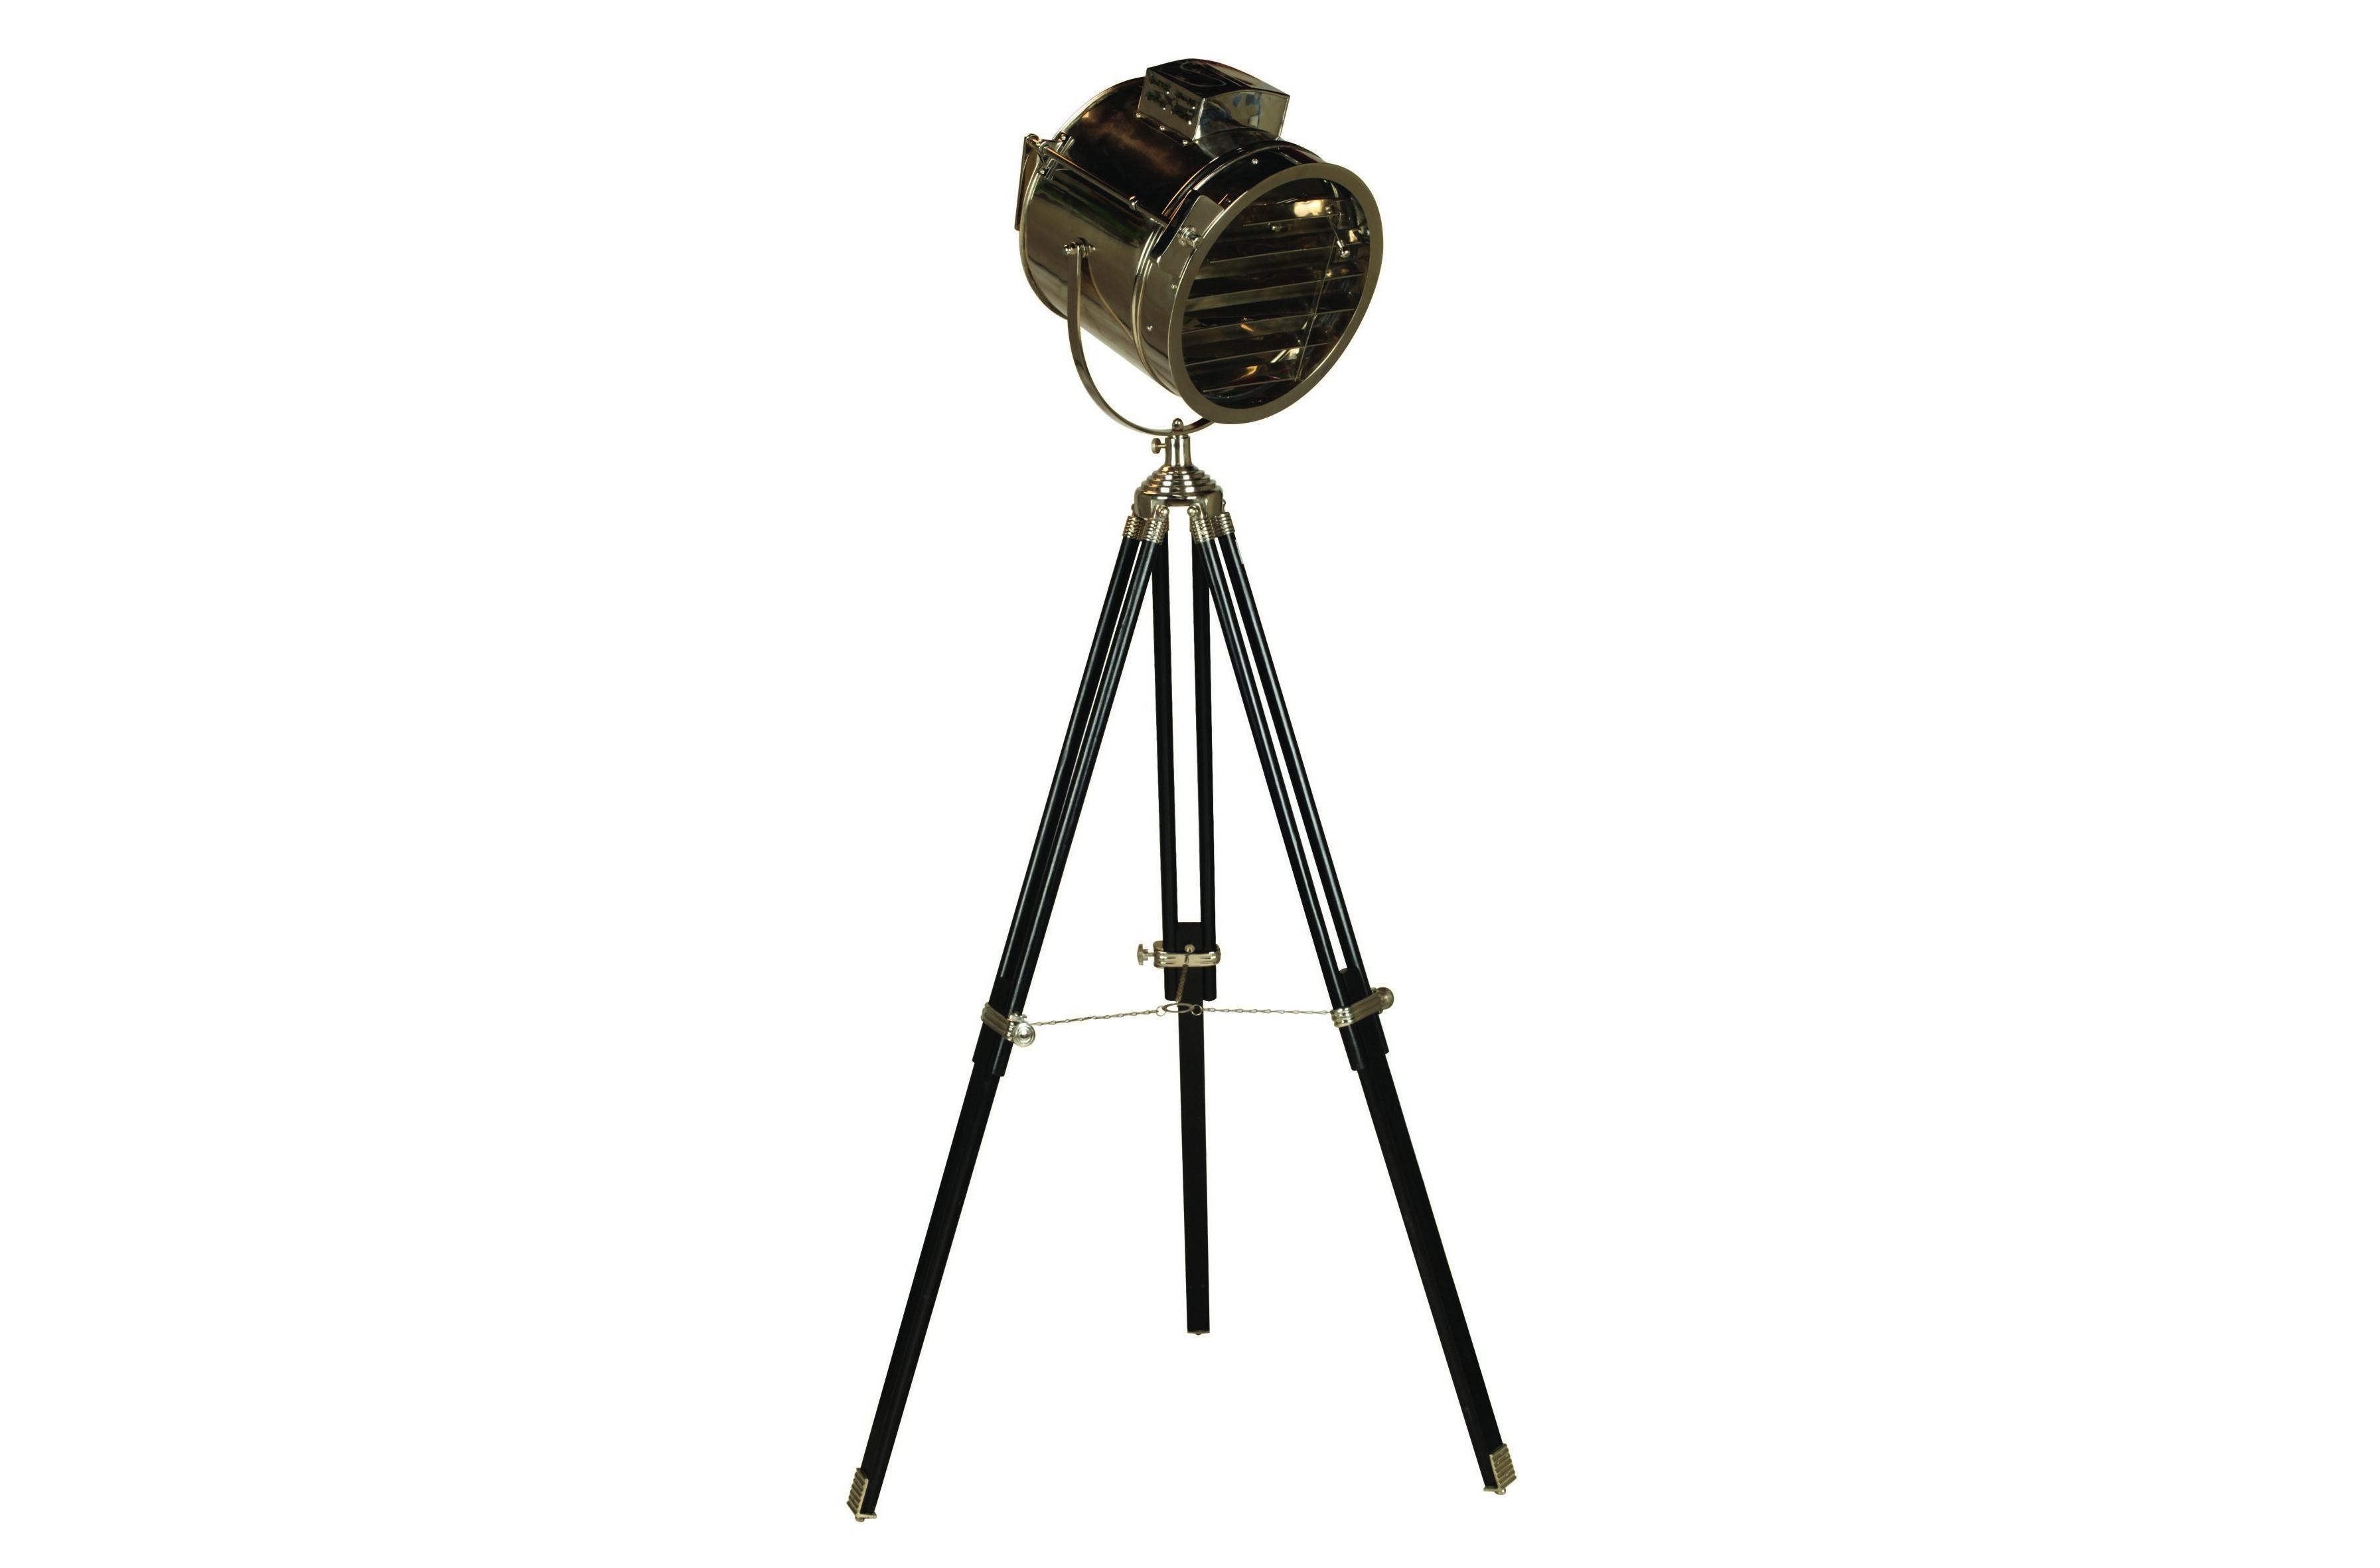 Торшер AnzanoПрожекторы<br>Торшер в виде прожектора не только прекрасно осветит пространство, но и внесет в интерьер некую изюминку. Высота торшера и направление потока света регулируется. Благодаря своему дизайну данное изделие безупречно впишется в современный интерьер.&amp;lt;div&amp;gt;&amp;lt;br&amp;gt;&amp;lt;/div&amp;gt;&amp;lt;div&amp;gt;&amp;lt;div&amp;gt;&amp;lt;span style=&amp;quot;line-height: 1.78571;&amp;quot;&amp;gt;Тип цоколя: Е27&amp;lt;/span&amp;gt;&amp;lt;br&amp;gt;&amp;lt;/div&amp;gt;&amp;lt;/div&amp;gt;&amp;lt;div&amp;gt;Мощность: 40w&amp;lt;/div&amp;gt;&amp;lt;div&amp;gt;&amp;lt;span style=&amp;quot;line-height: 24.9999px;&amp;quot;&amp;gt;Количество ламп: 1&amp;lt;/span&amp;gt;&amp;lt;br&amp;gt;&amp;lt;/div&amp;gt;<br><br>Material: Металл<br>Height см: 167<br>Diameter см: 45